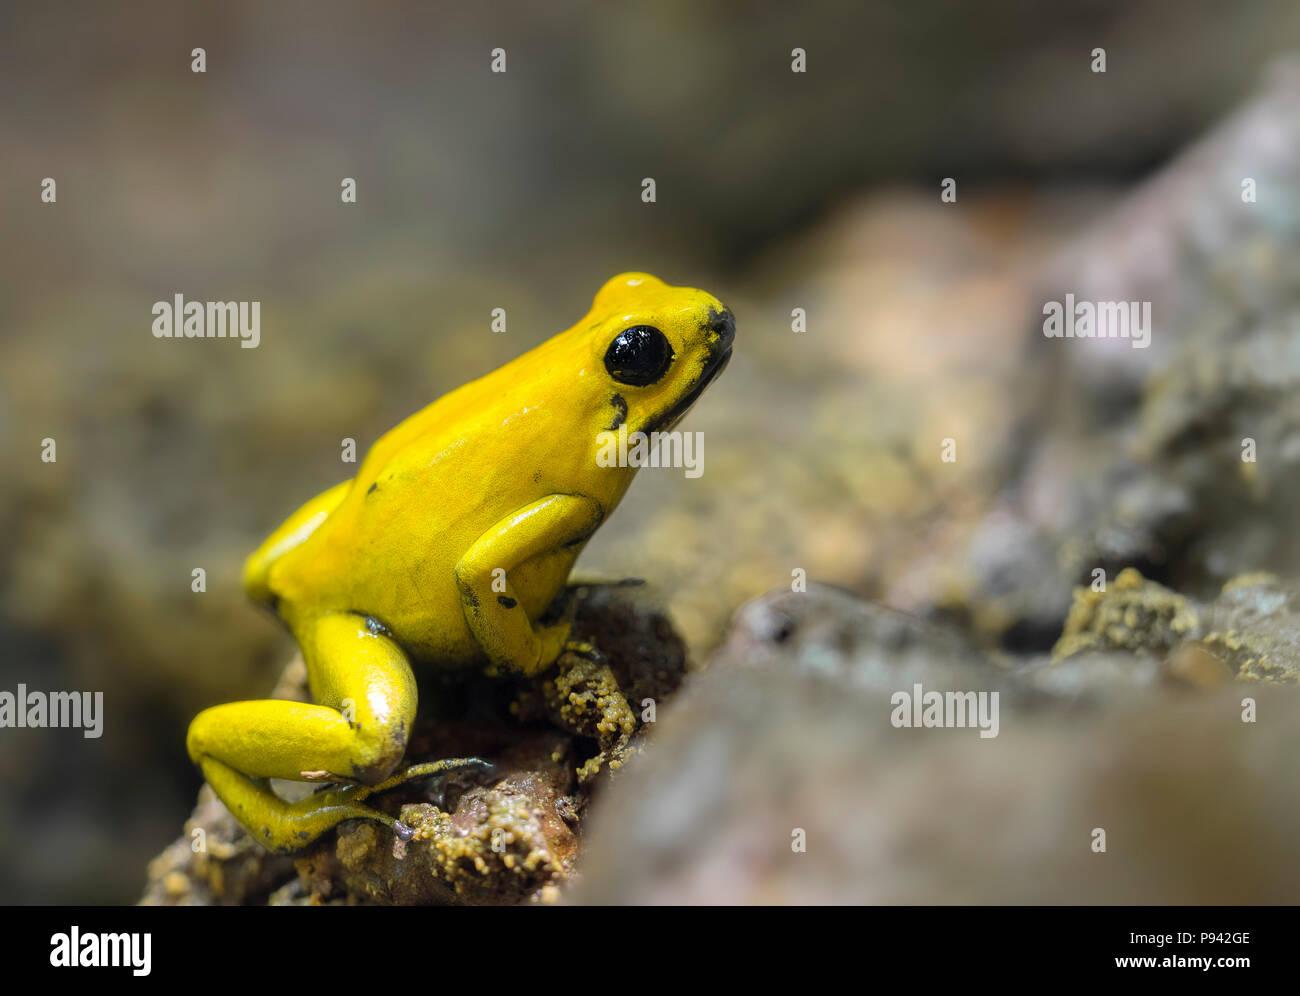 Golden poison frog - Stock Image